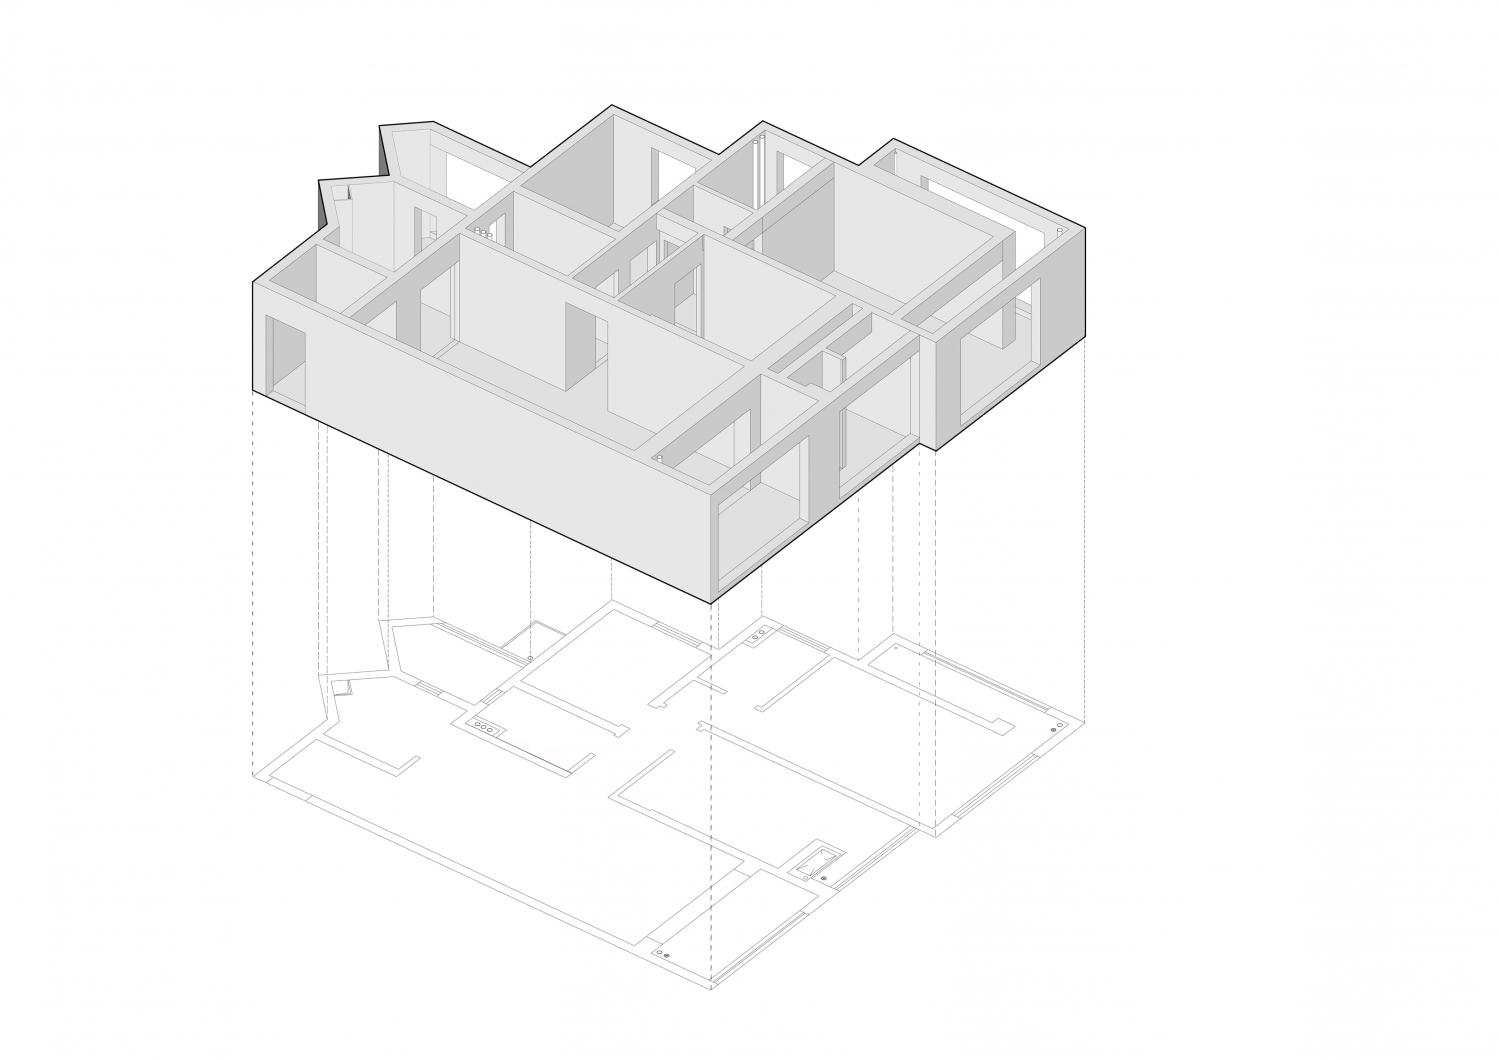 原始结构轴测图.jpg